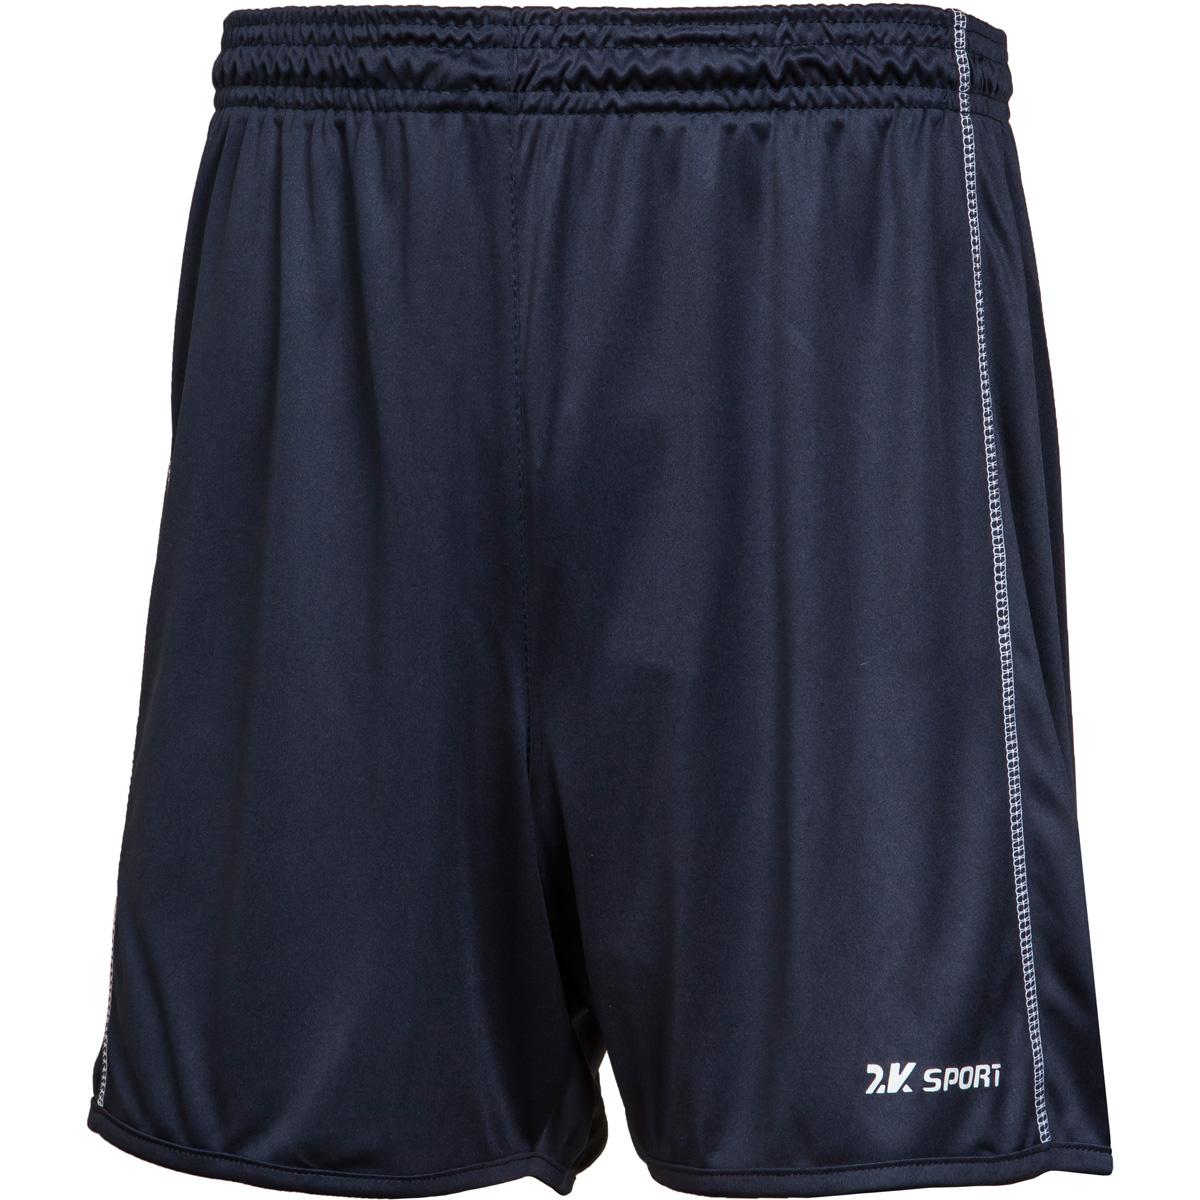 Шорты волейбольные мужские 2K Sport Energy, цвет: темно-синий. 140041. Размер XXS (42)140041_navyВолейбольные шорты с контрастными полосами по бокам. Изготовлены из ткани повышенной прочности, дополнены эластичным поясом со шнурками.